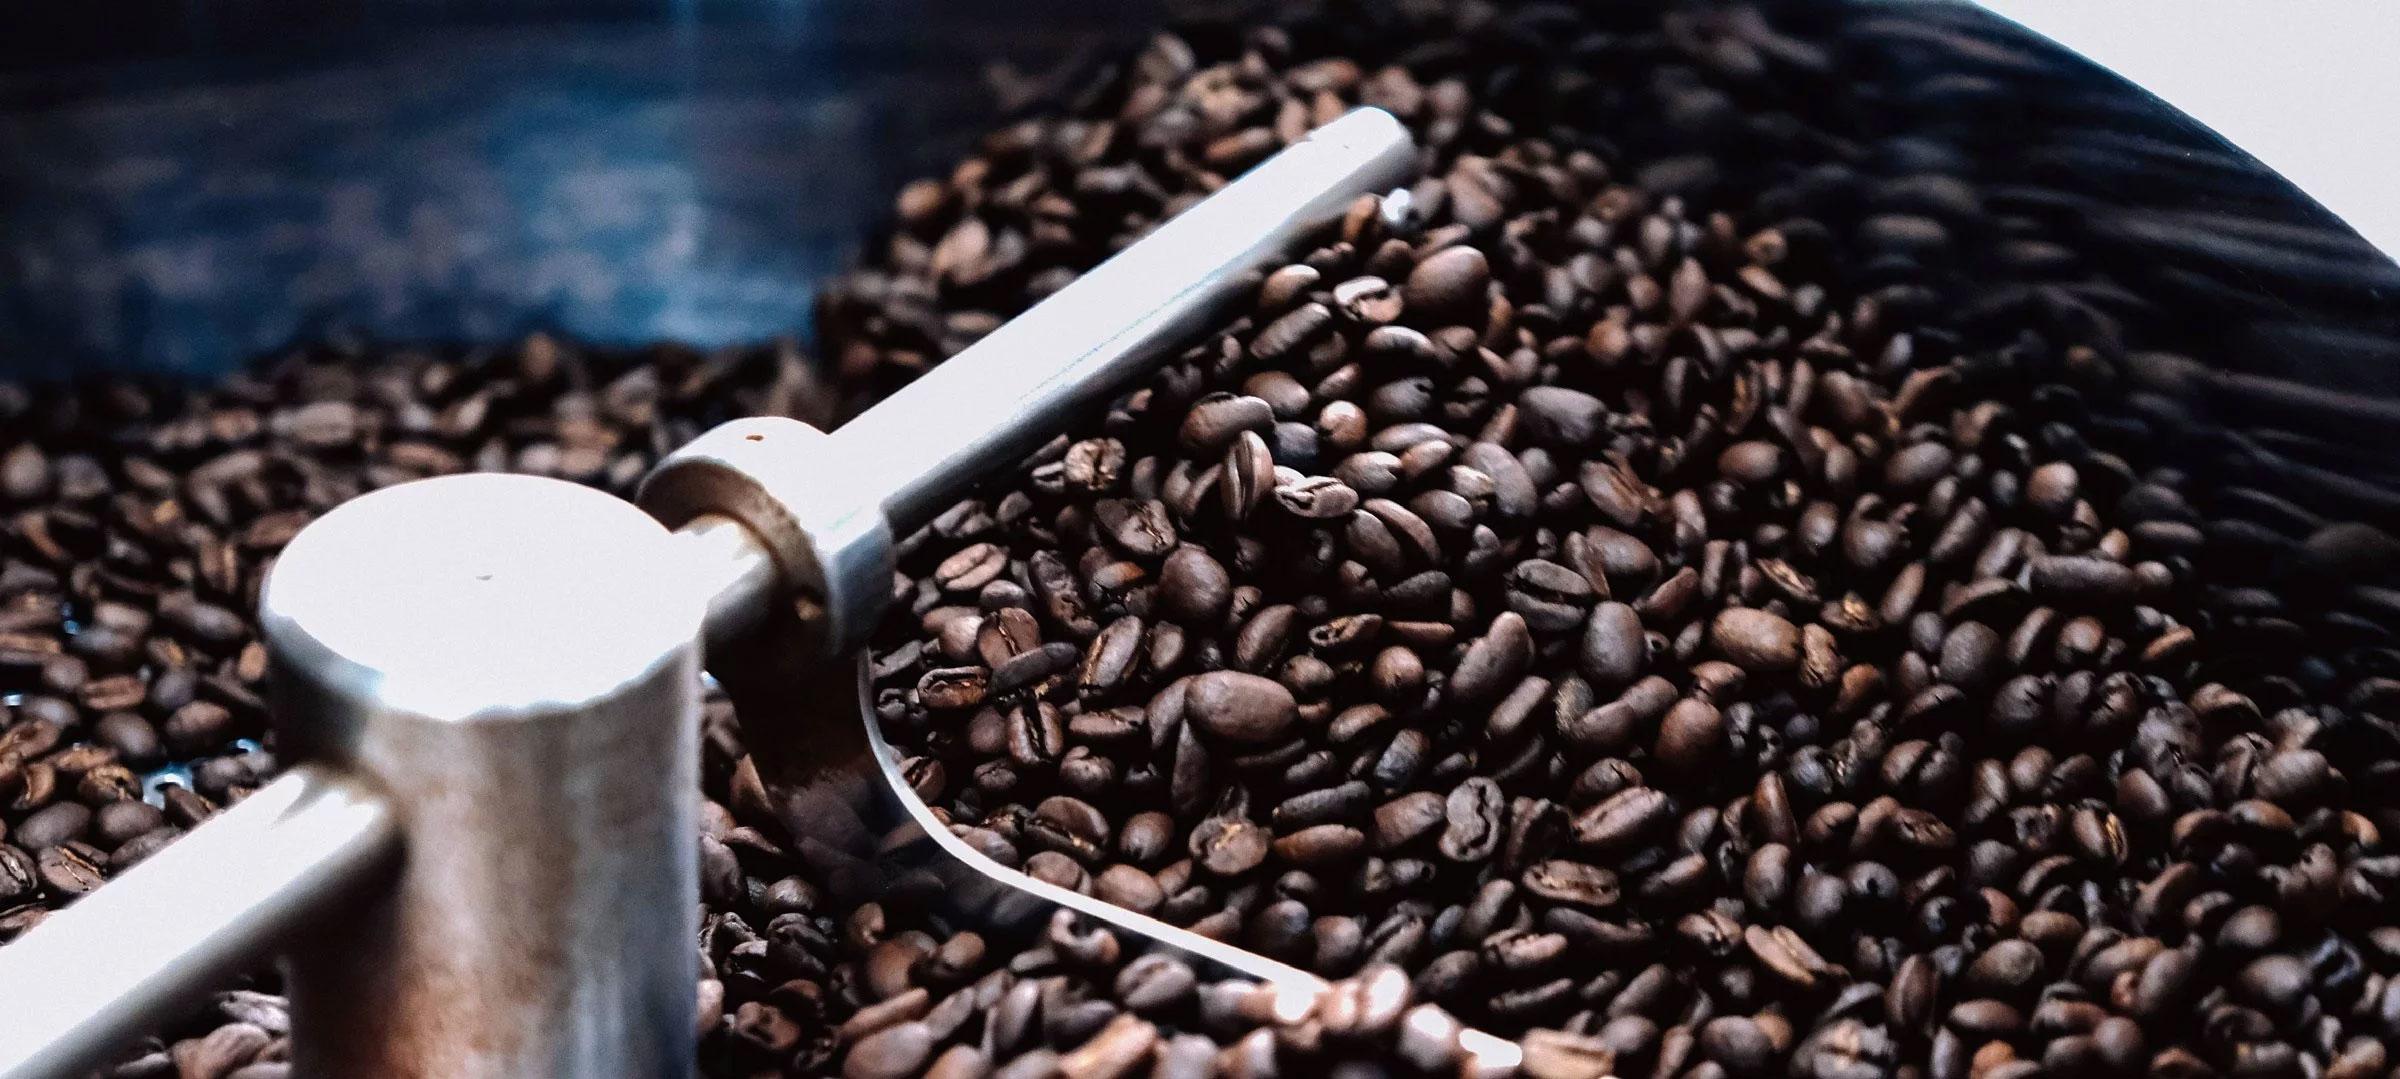 ZeraCafe單品濾掛咖啡,精選頂級單品咖啡豆